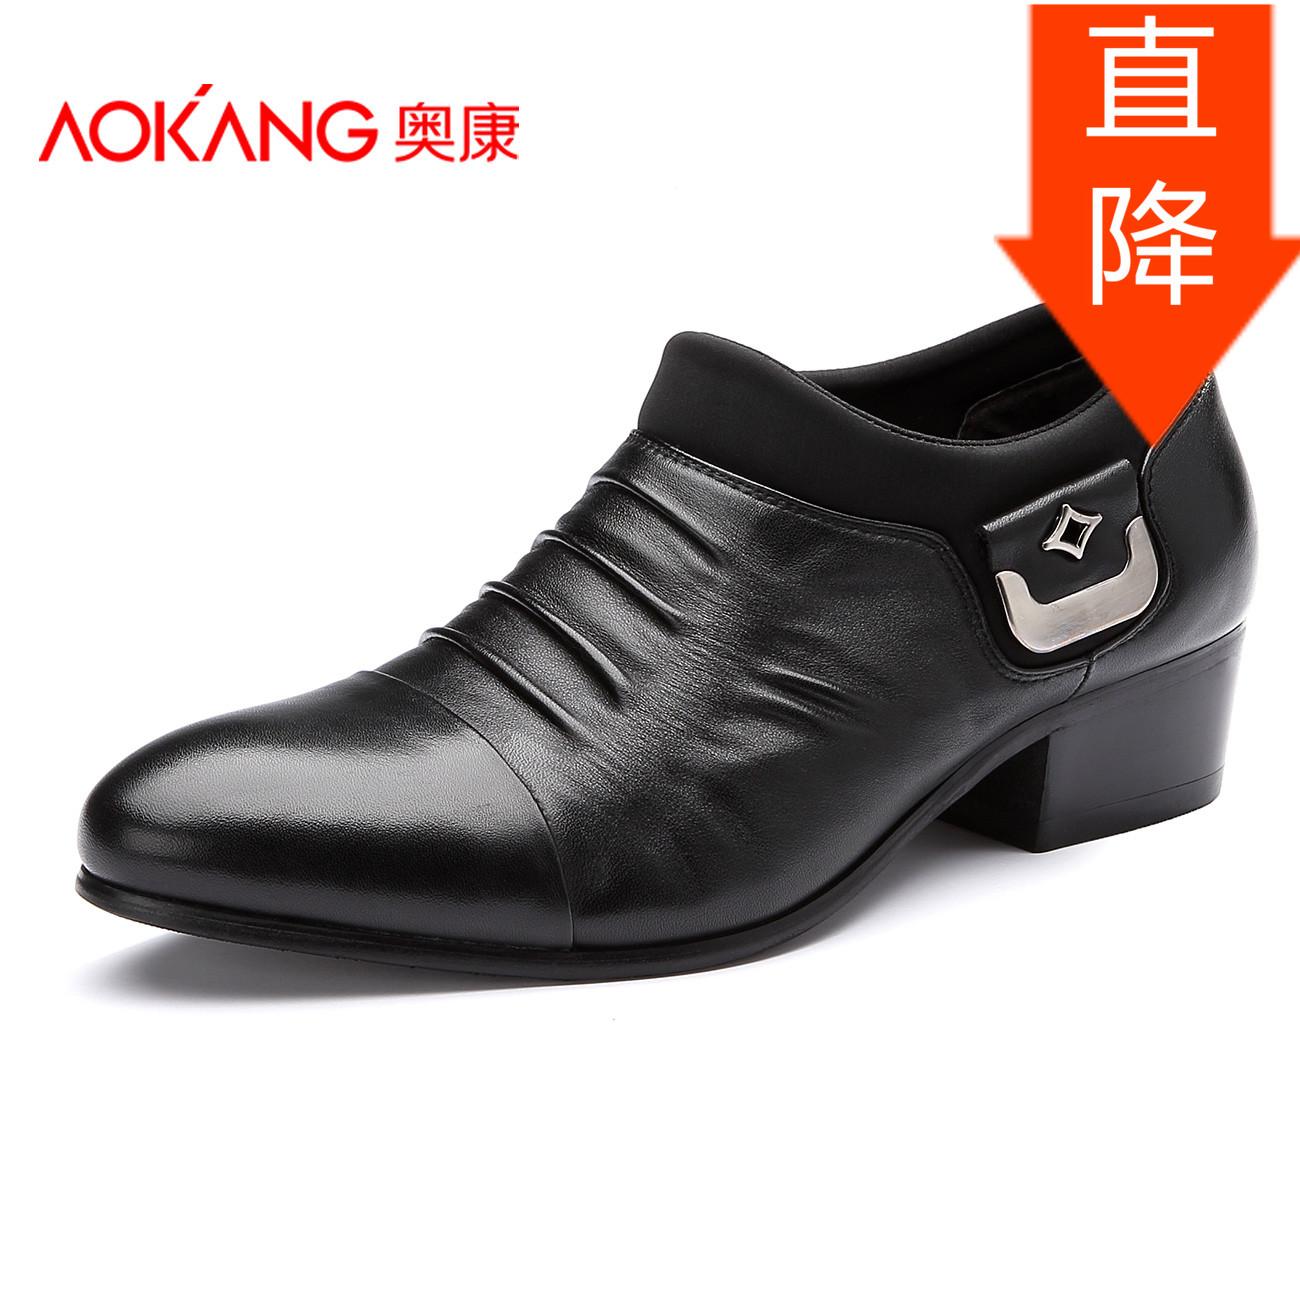 奥康男鞋秋冬季韩版男士高跟鞋男式商务正装皮鞋真皮外增高休闲鞋